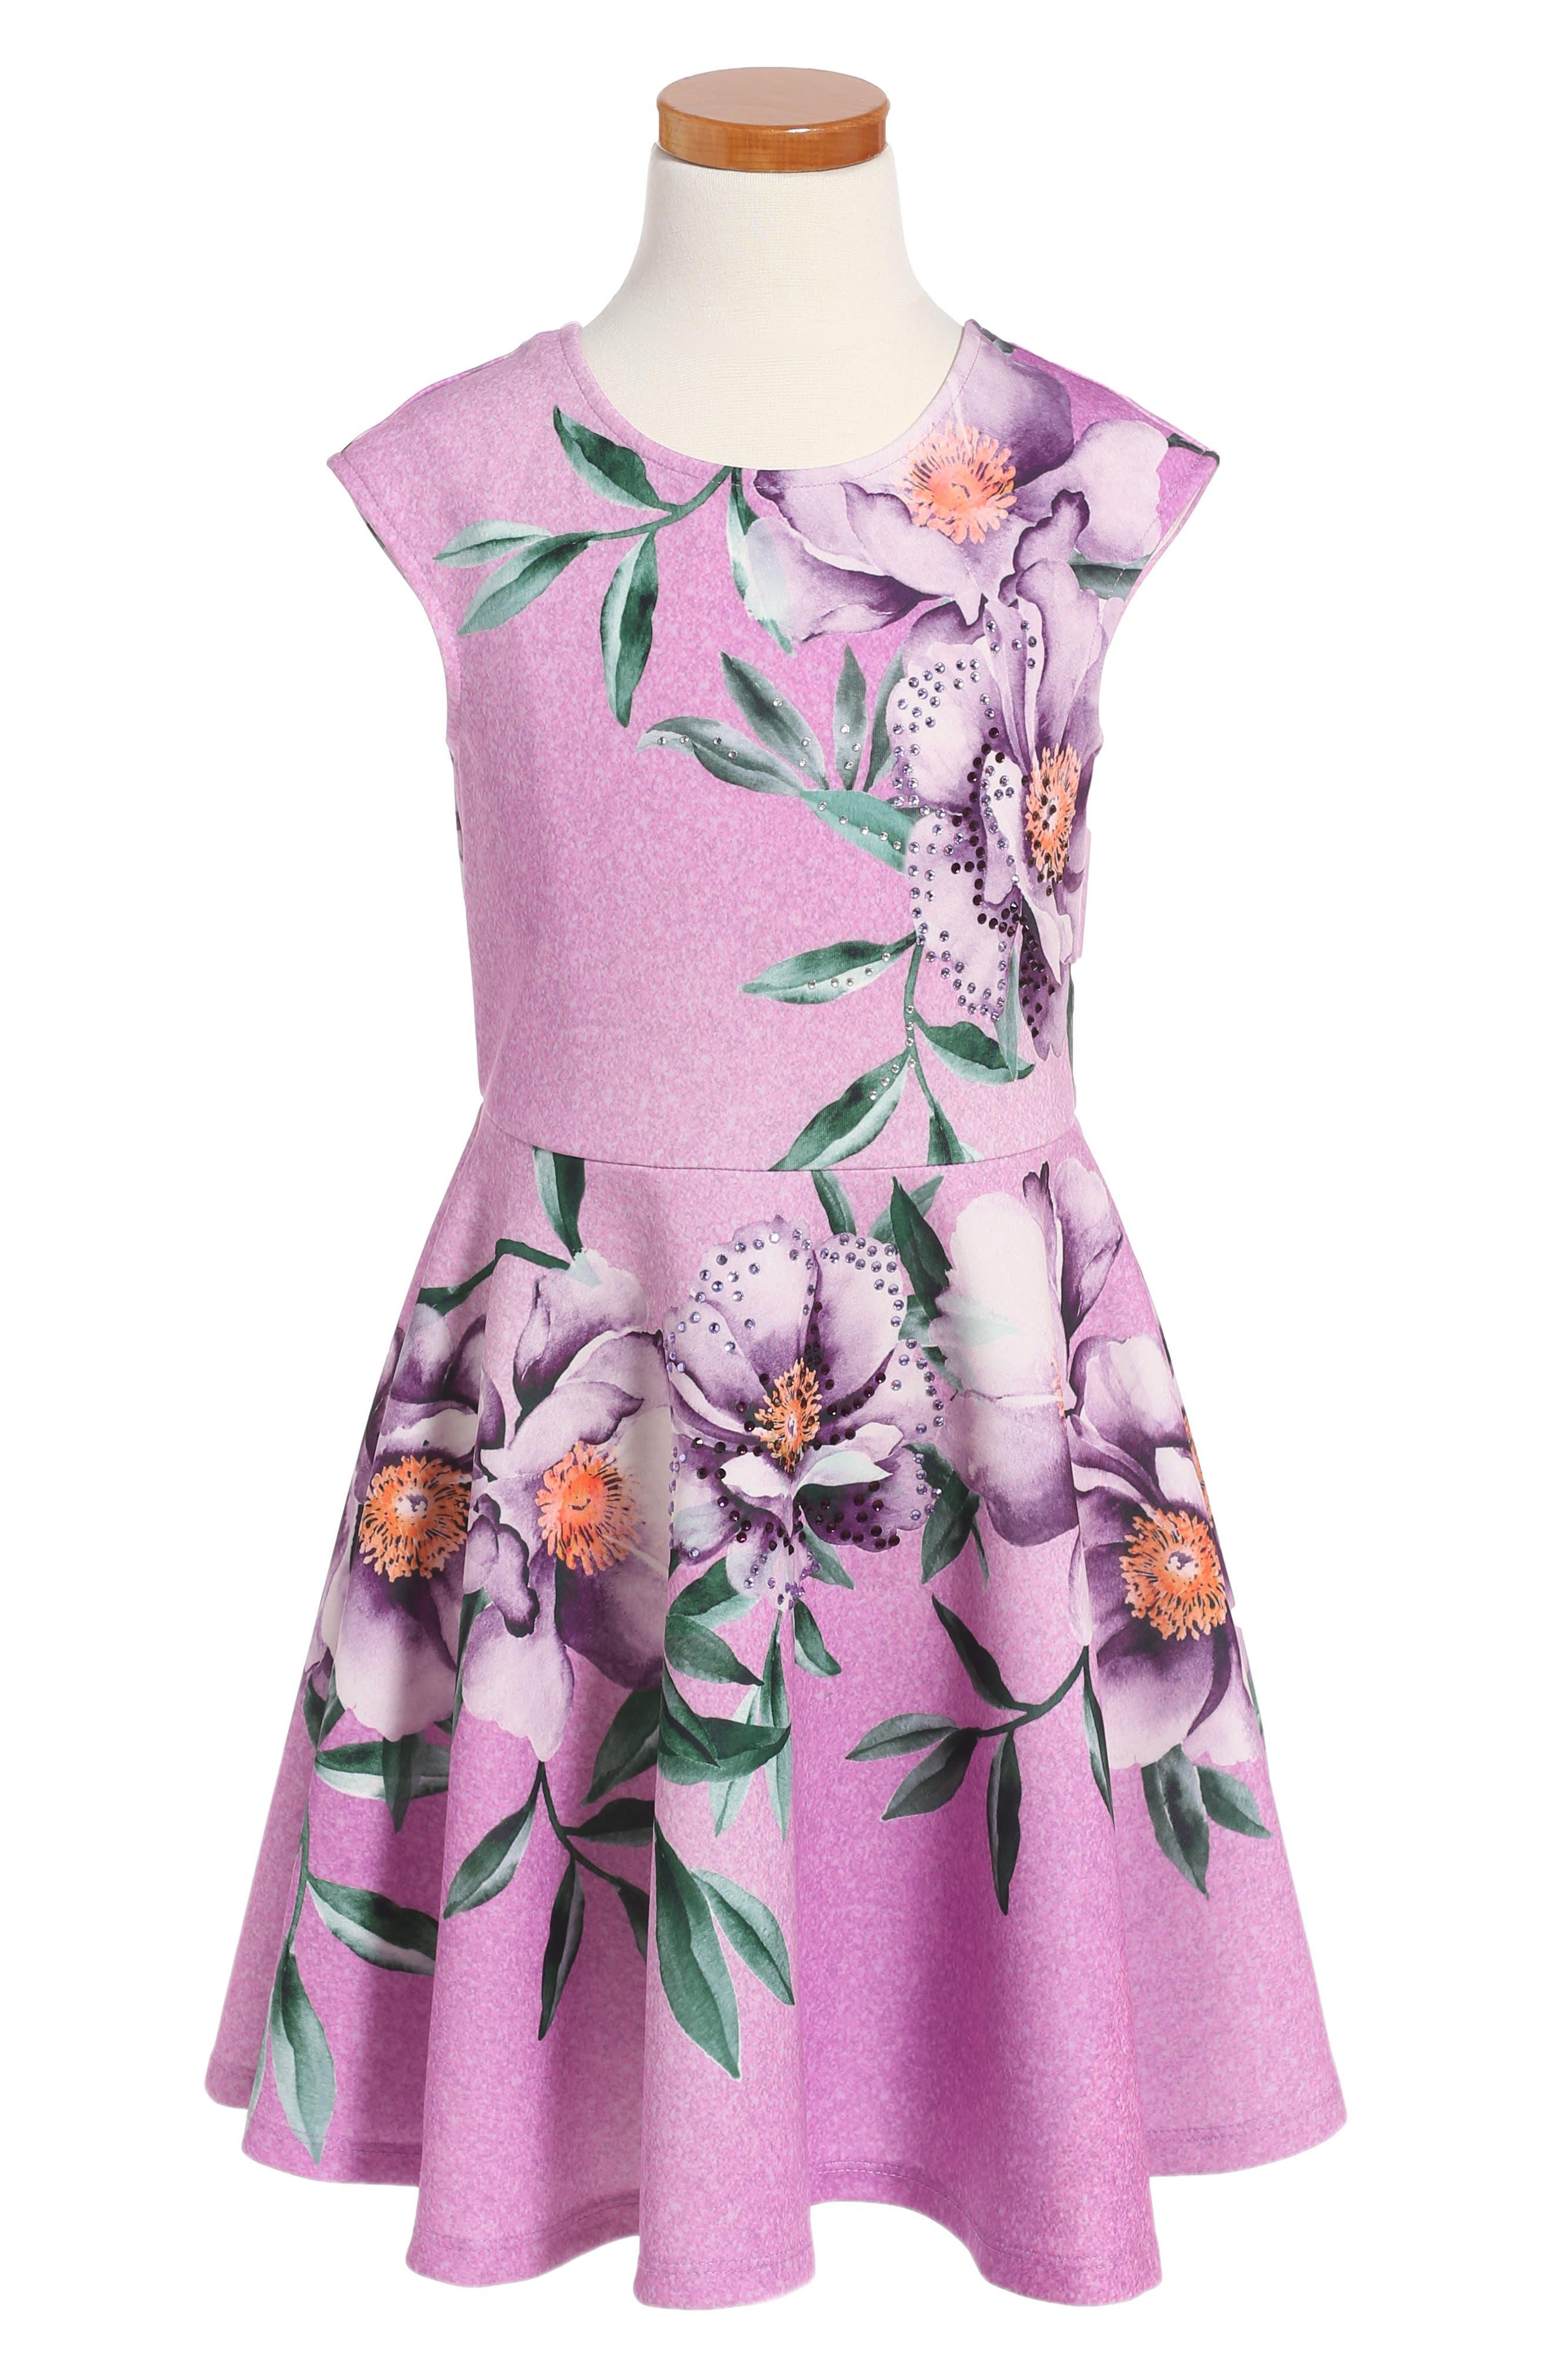 Hannah Banana Floral Print Skater Dress (Toddler Girls, Little Girls & Big Girls)